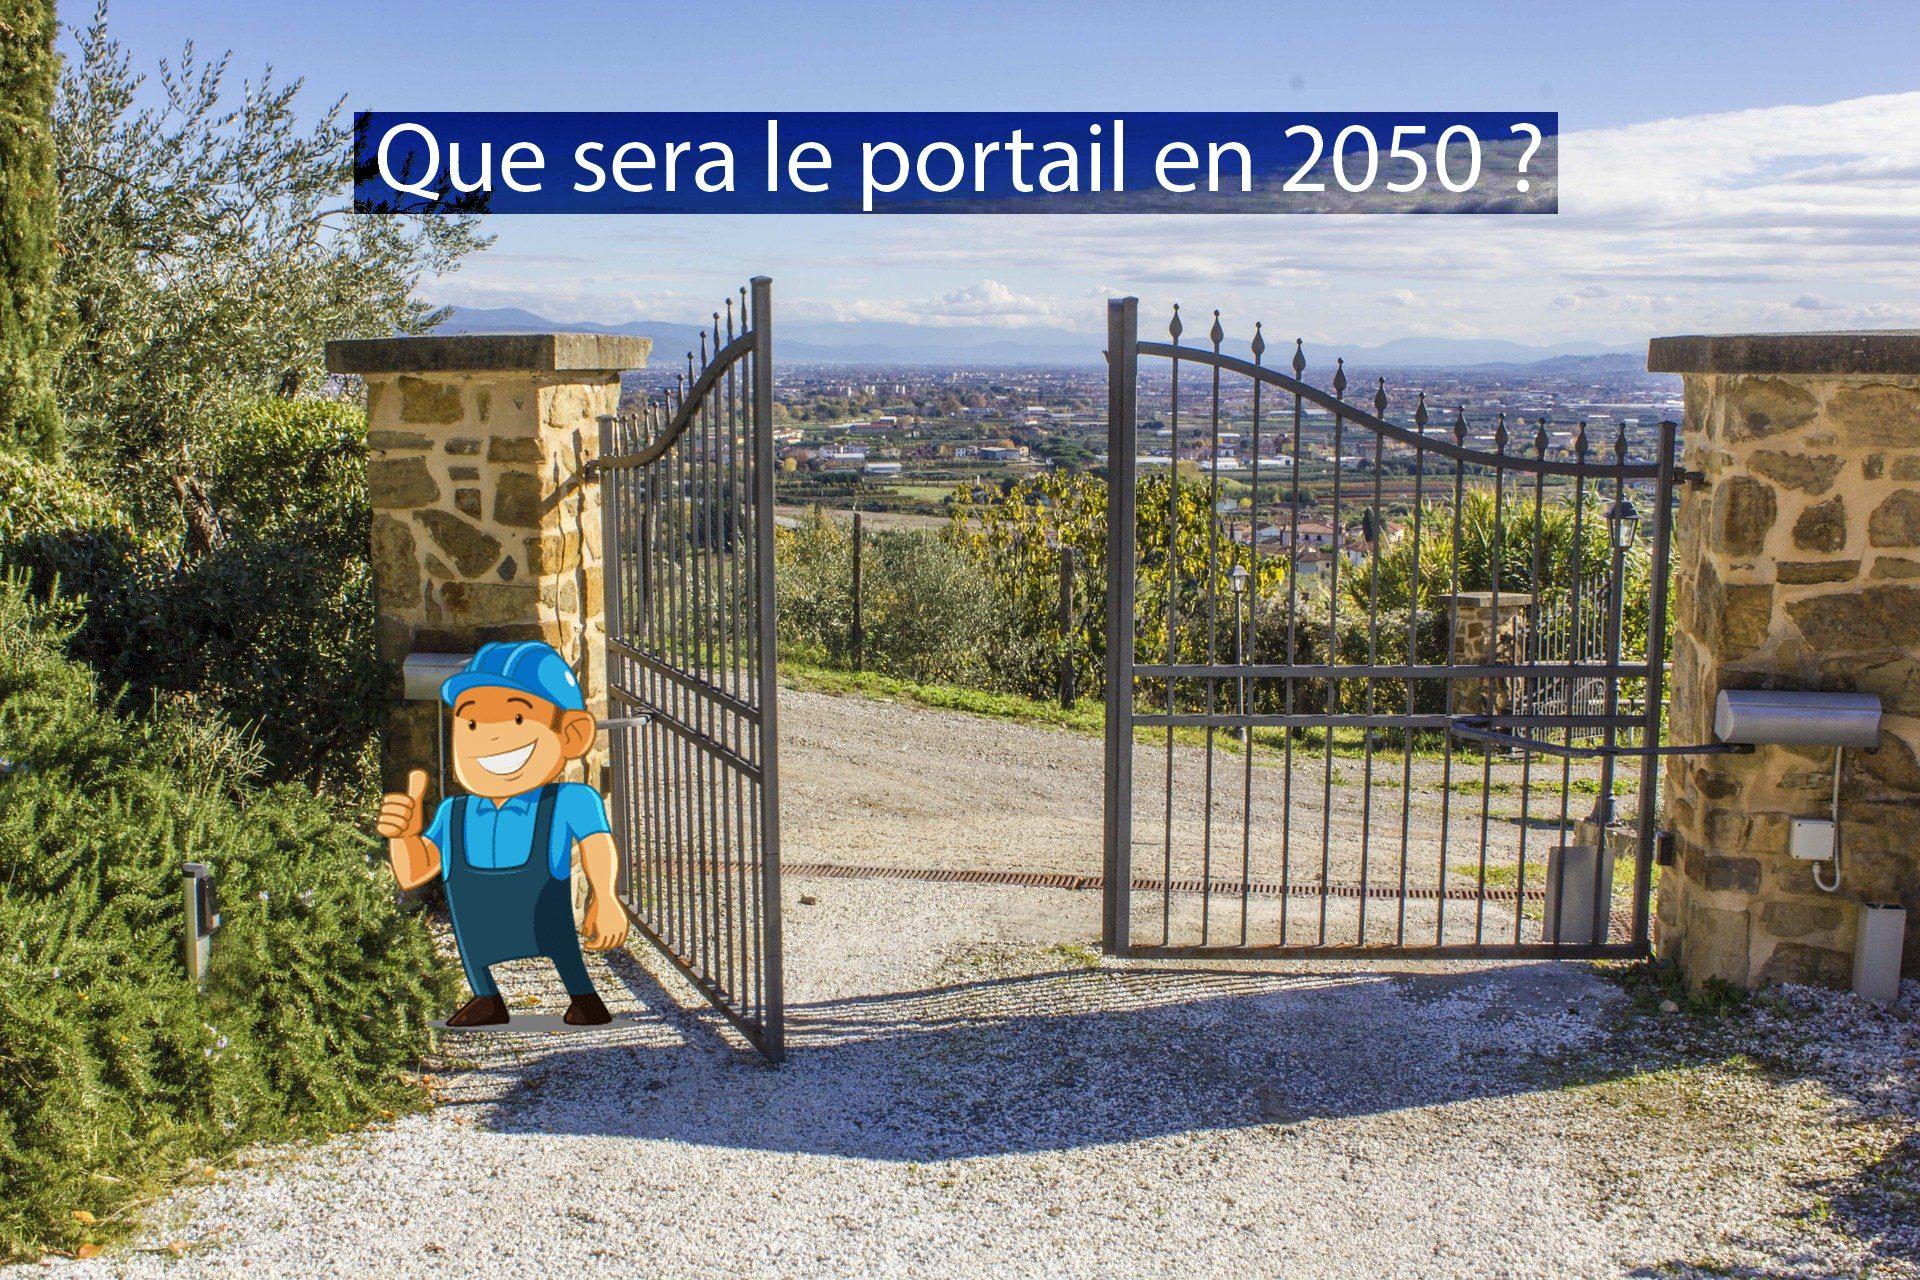 portail-2050